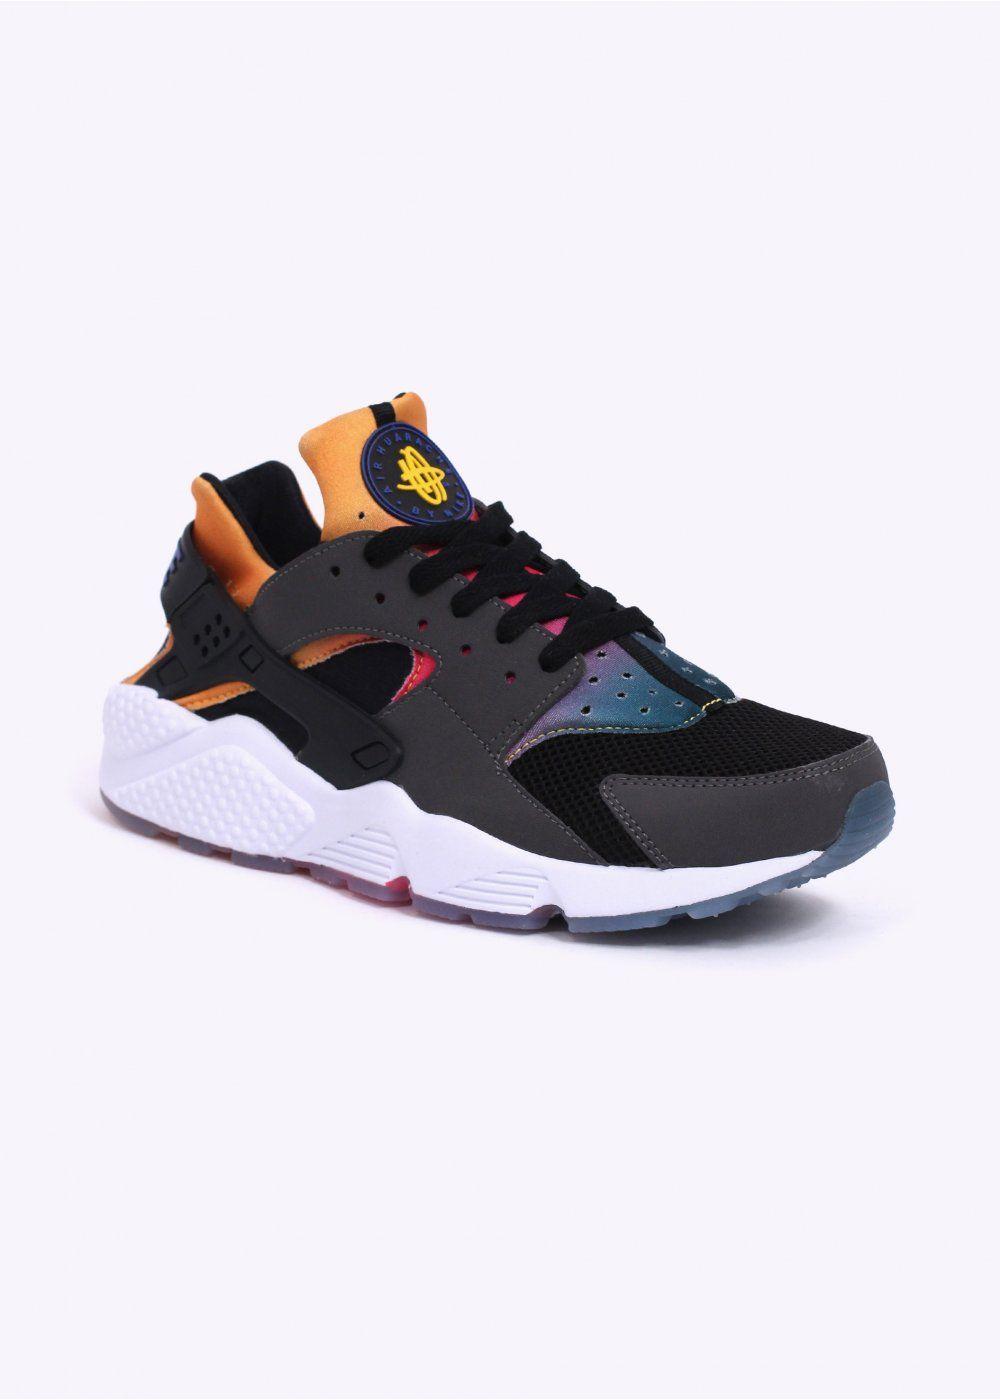 new product 4a6ac 5830a (Rare) Nike Air Huarache SD Rainbow